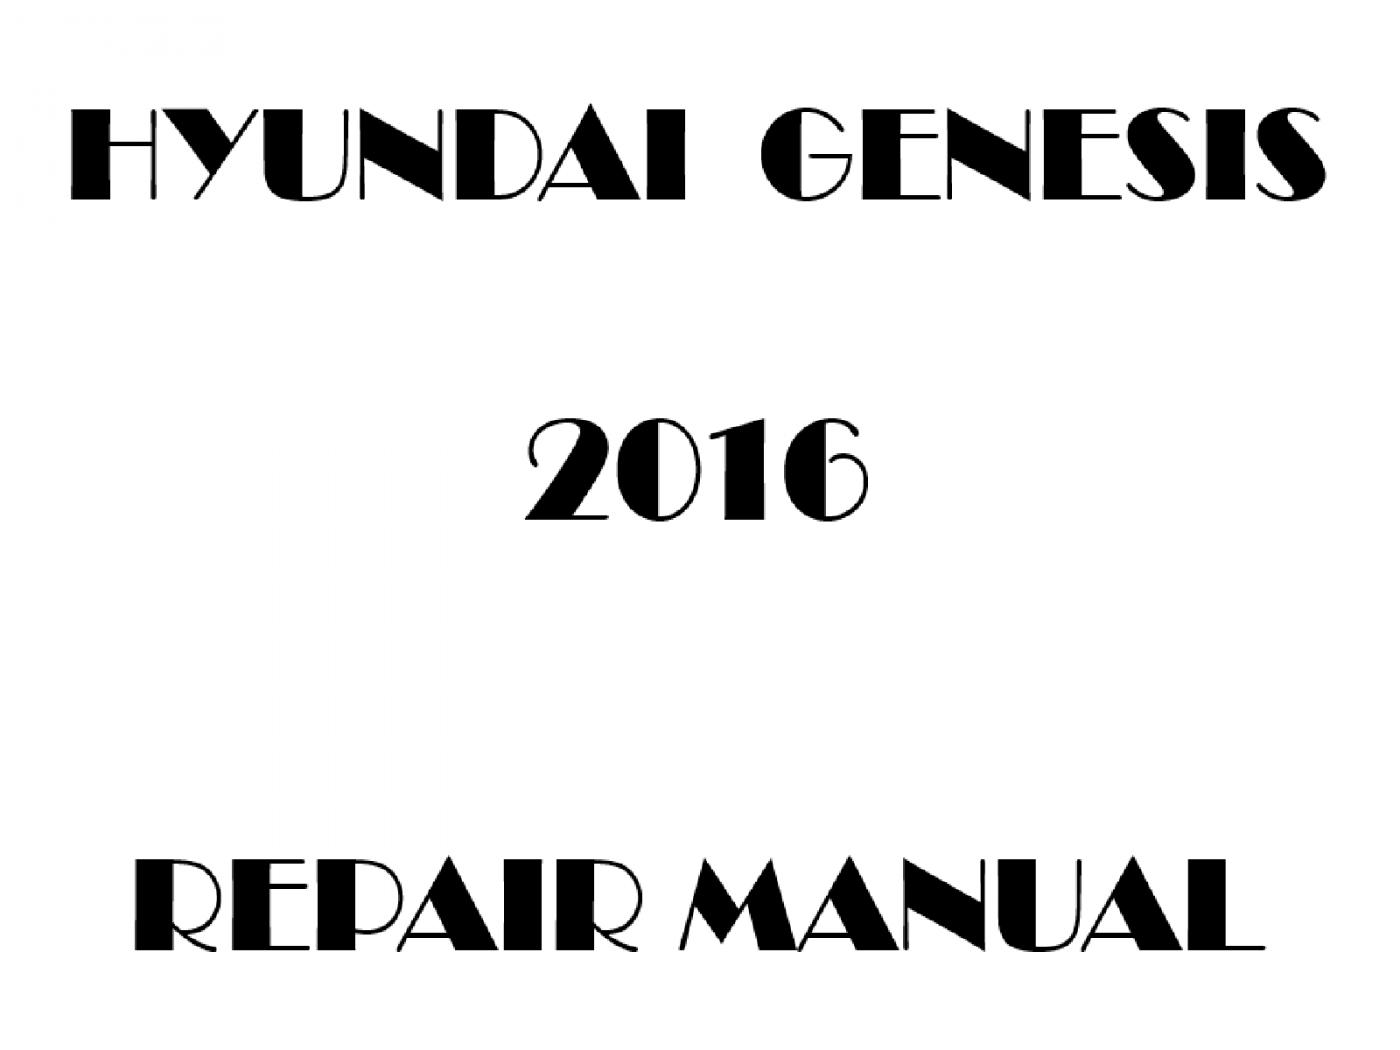 2016 Hyundai Genesis repair manual